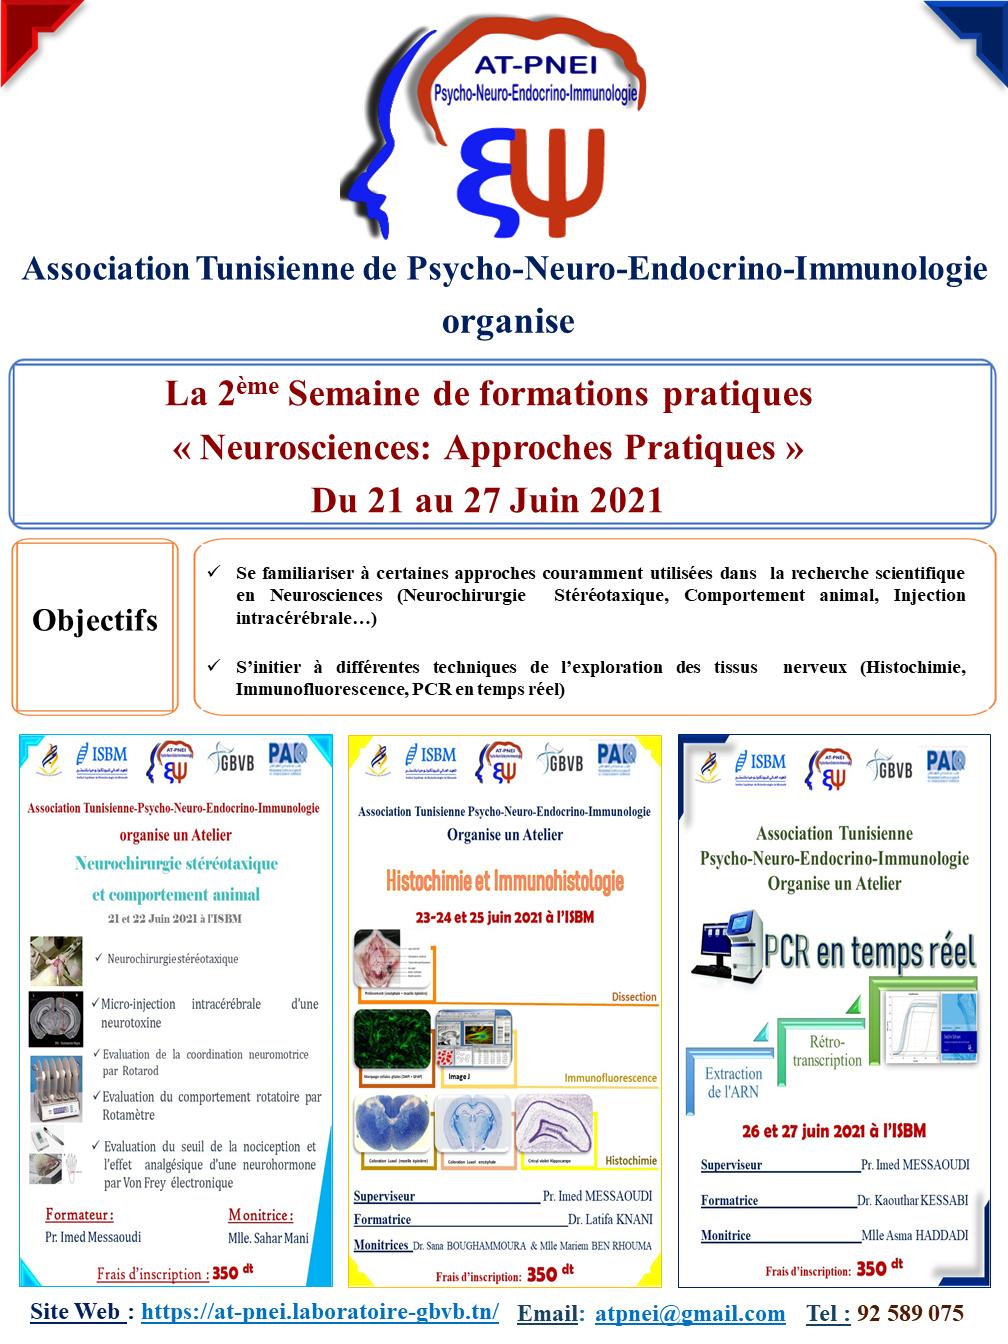 La 2 ème  semaine de formations pratiques «Neurosciences: Approches pratiques» du 21 au 27 Juin 2021